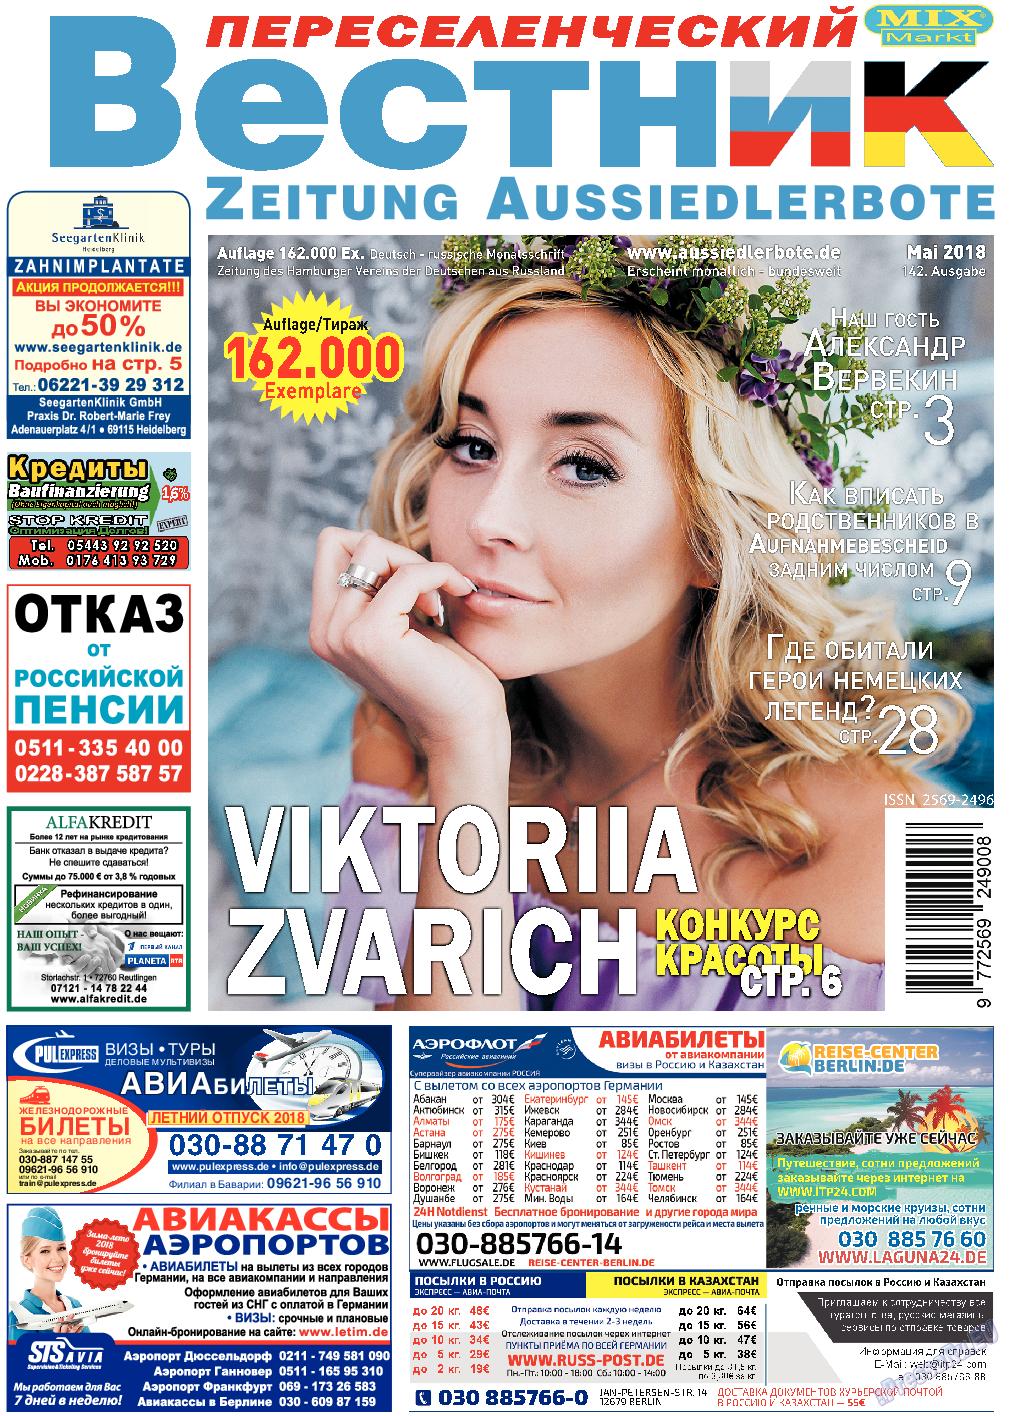 Переселенческий вестник (газета). 2018 год, номер 5, стр. 1